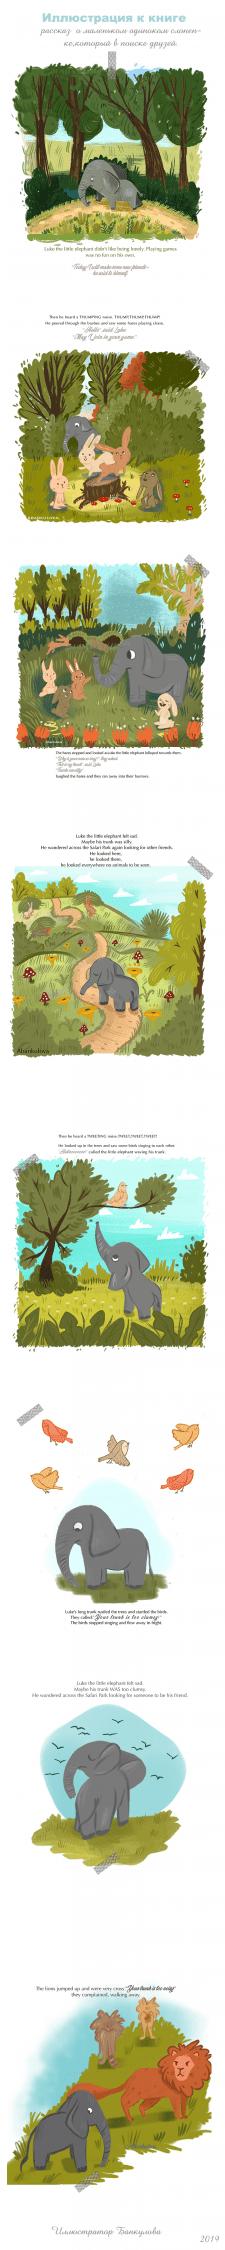 Иллюстрации к книге про Слона